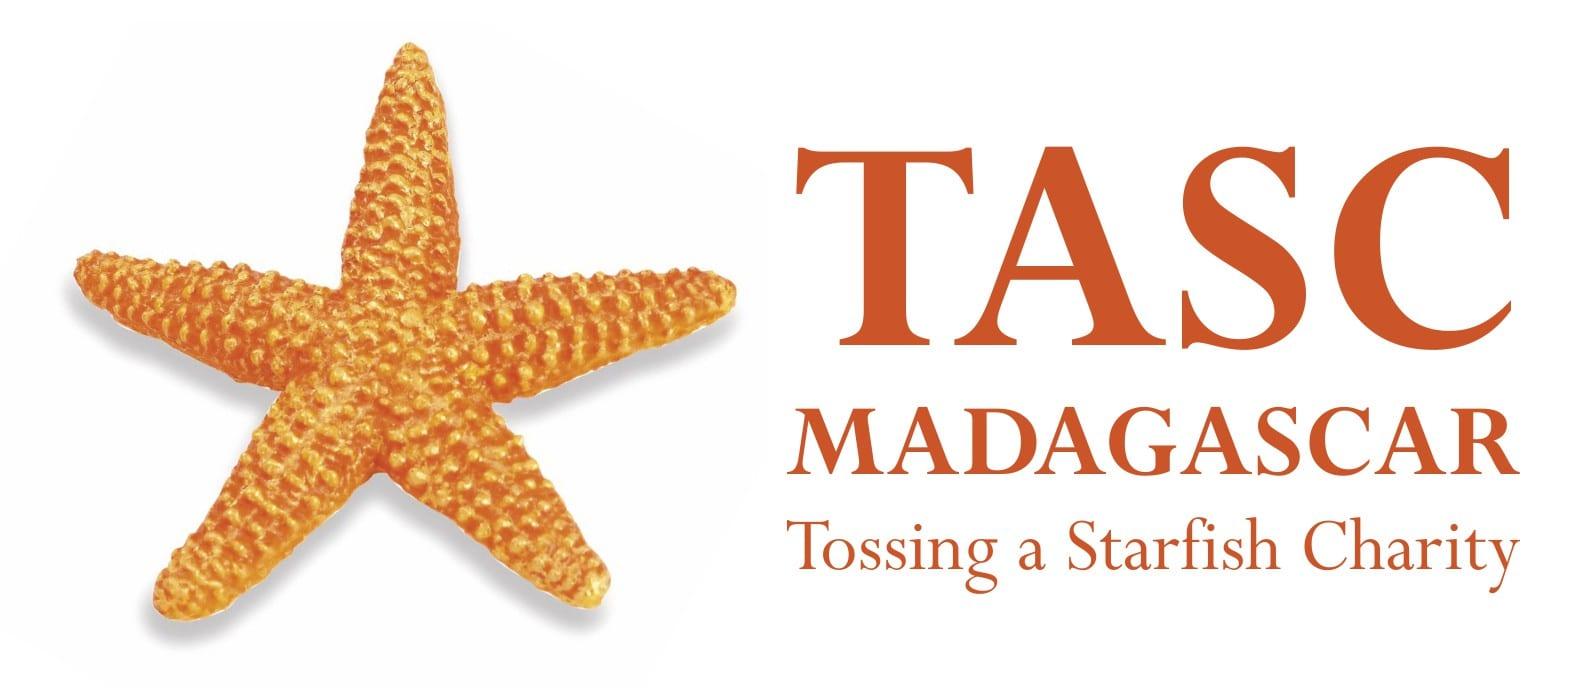 TASC Madagascar